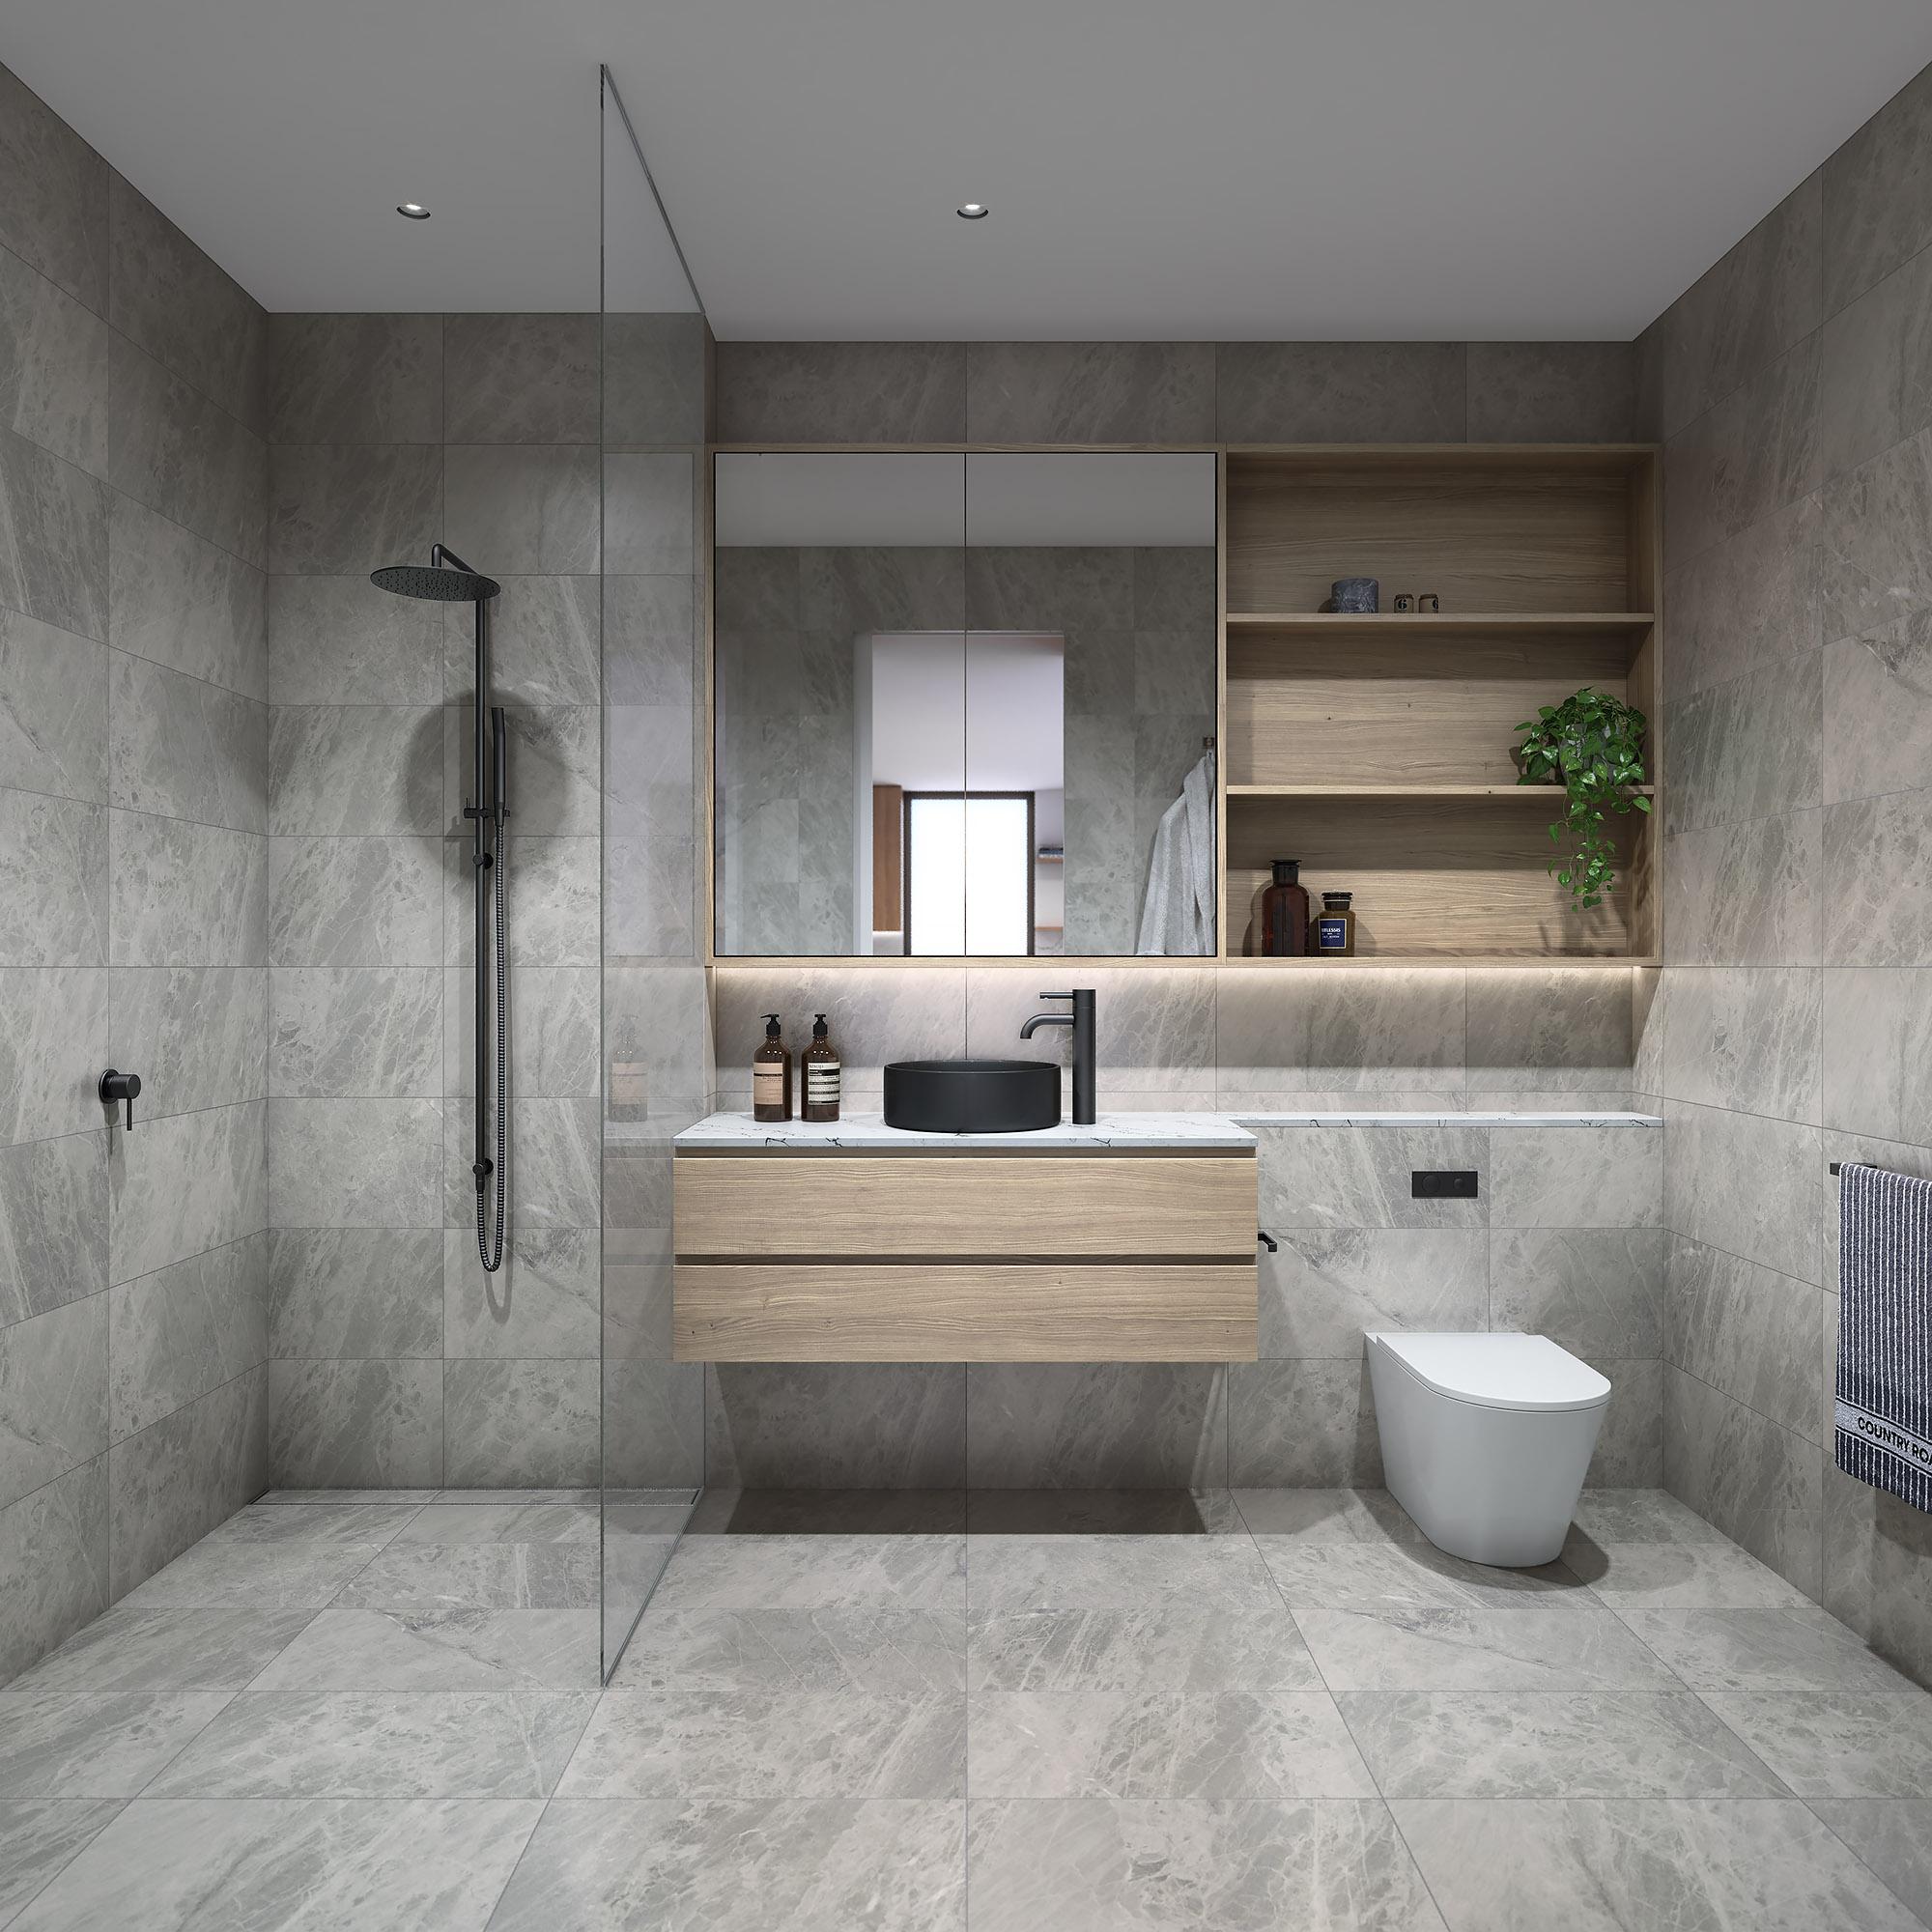 2110_INT_Bathroom_Concept3_D_(web)